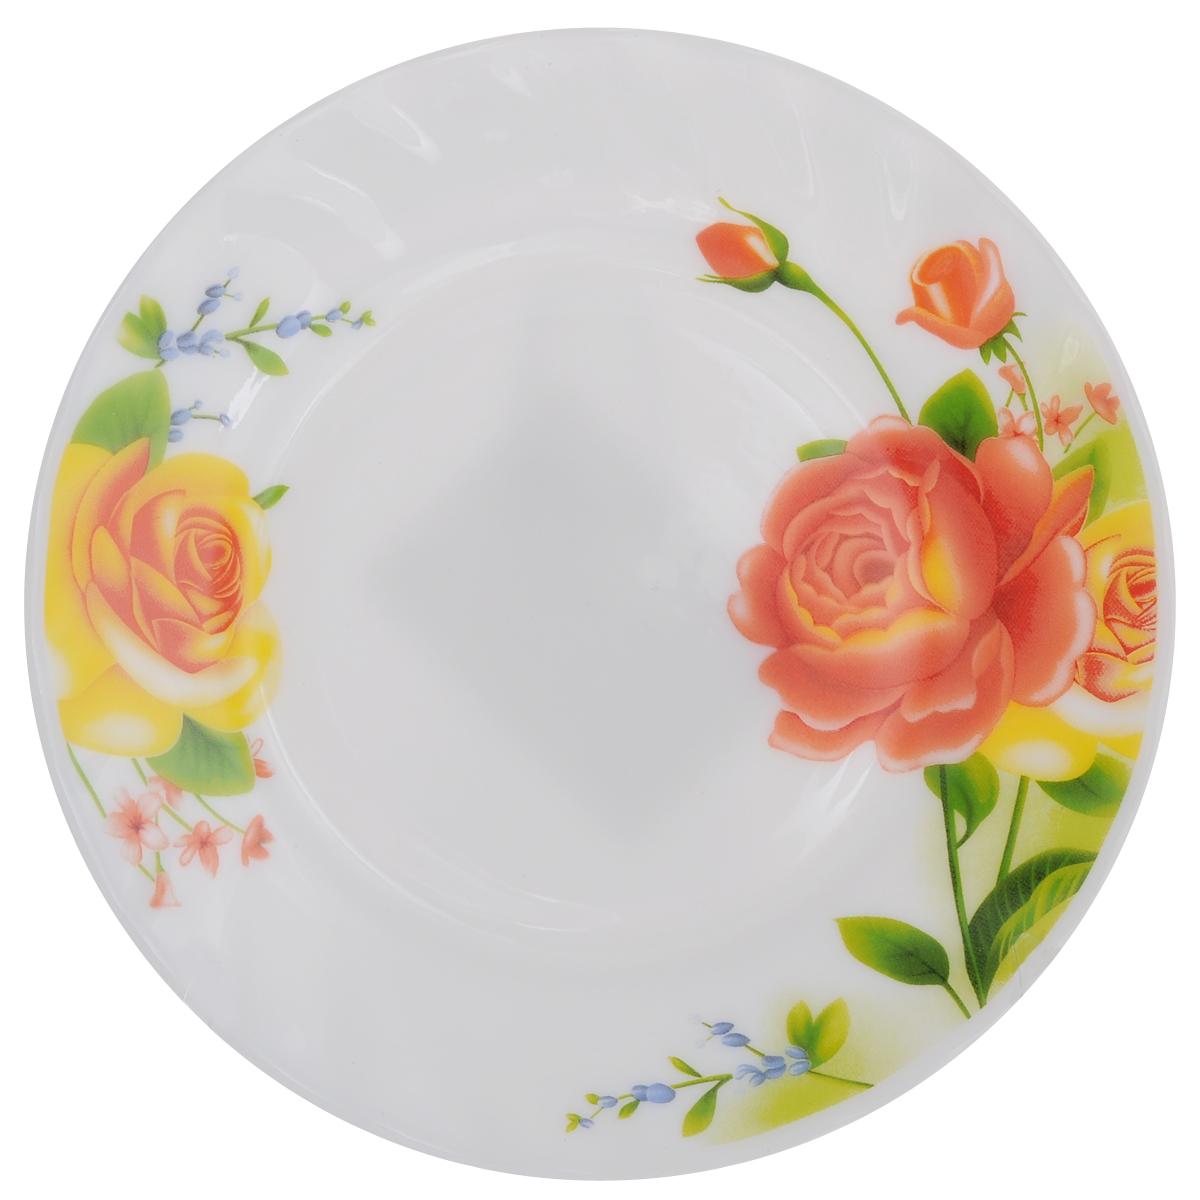 Тарелка десертная Chinbull Алессио, диаметр 17,5 смHP-70/6665Десертная тарелка Chinbull Алессио изготовлена из экологически чистой стеклокерамики. Изделие оформлено красочным рисунком цветов и имеет изысканный внешний вид. Такая тарелка прекрасно подходит как для торжественных случаев, так и для повседневного использования. Идеальна для подачи десертов, пирожных, тортов и многого другого. Она прекрасно оформит стол и станет отличным дополнением к вашей коллекции кухонной посуды. Можно использовать в посудомоечной машине и СВЧ. Диаметр (по верхнему краю): 17,5 см. Высота стенки: 1,7 см.